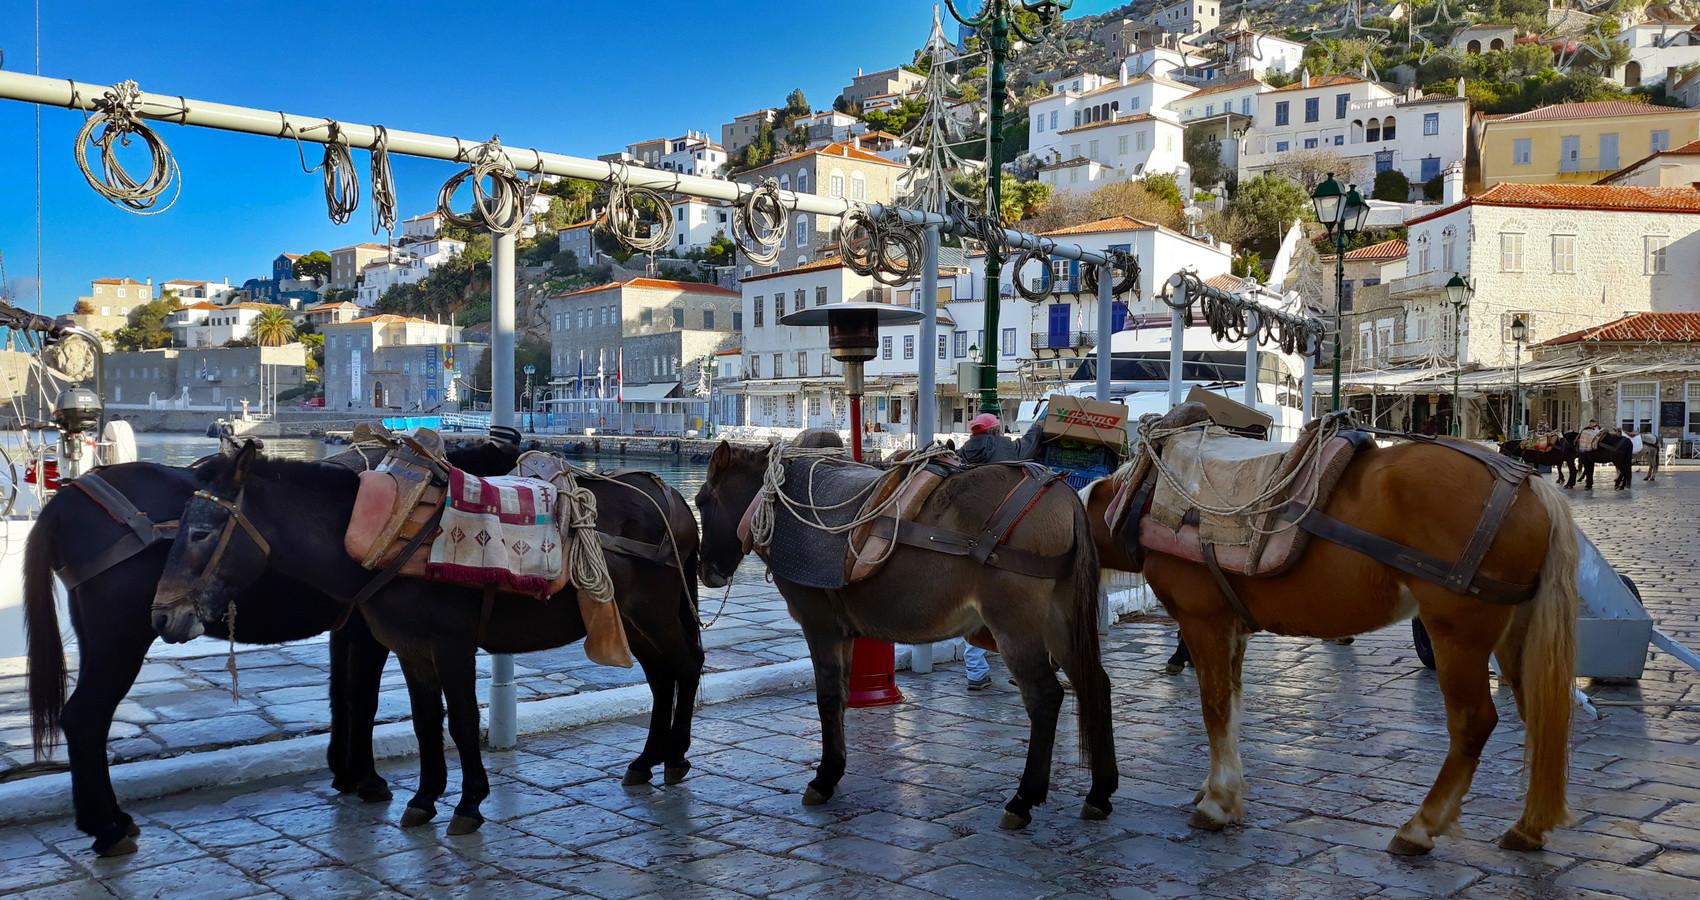 HYDRAS HORSES